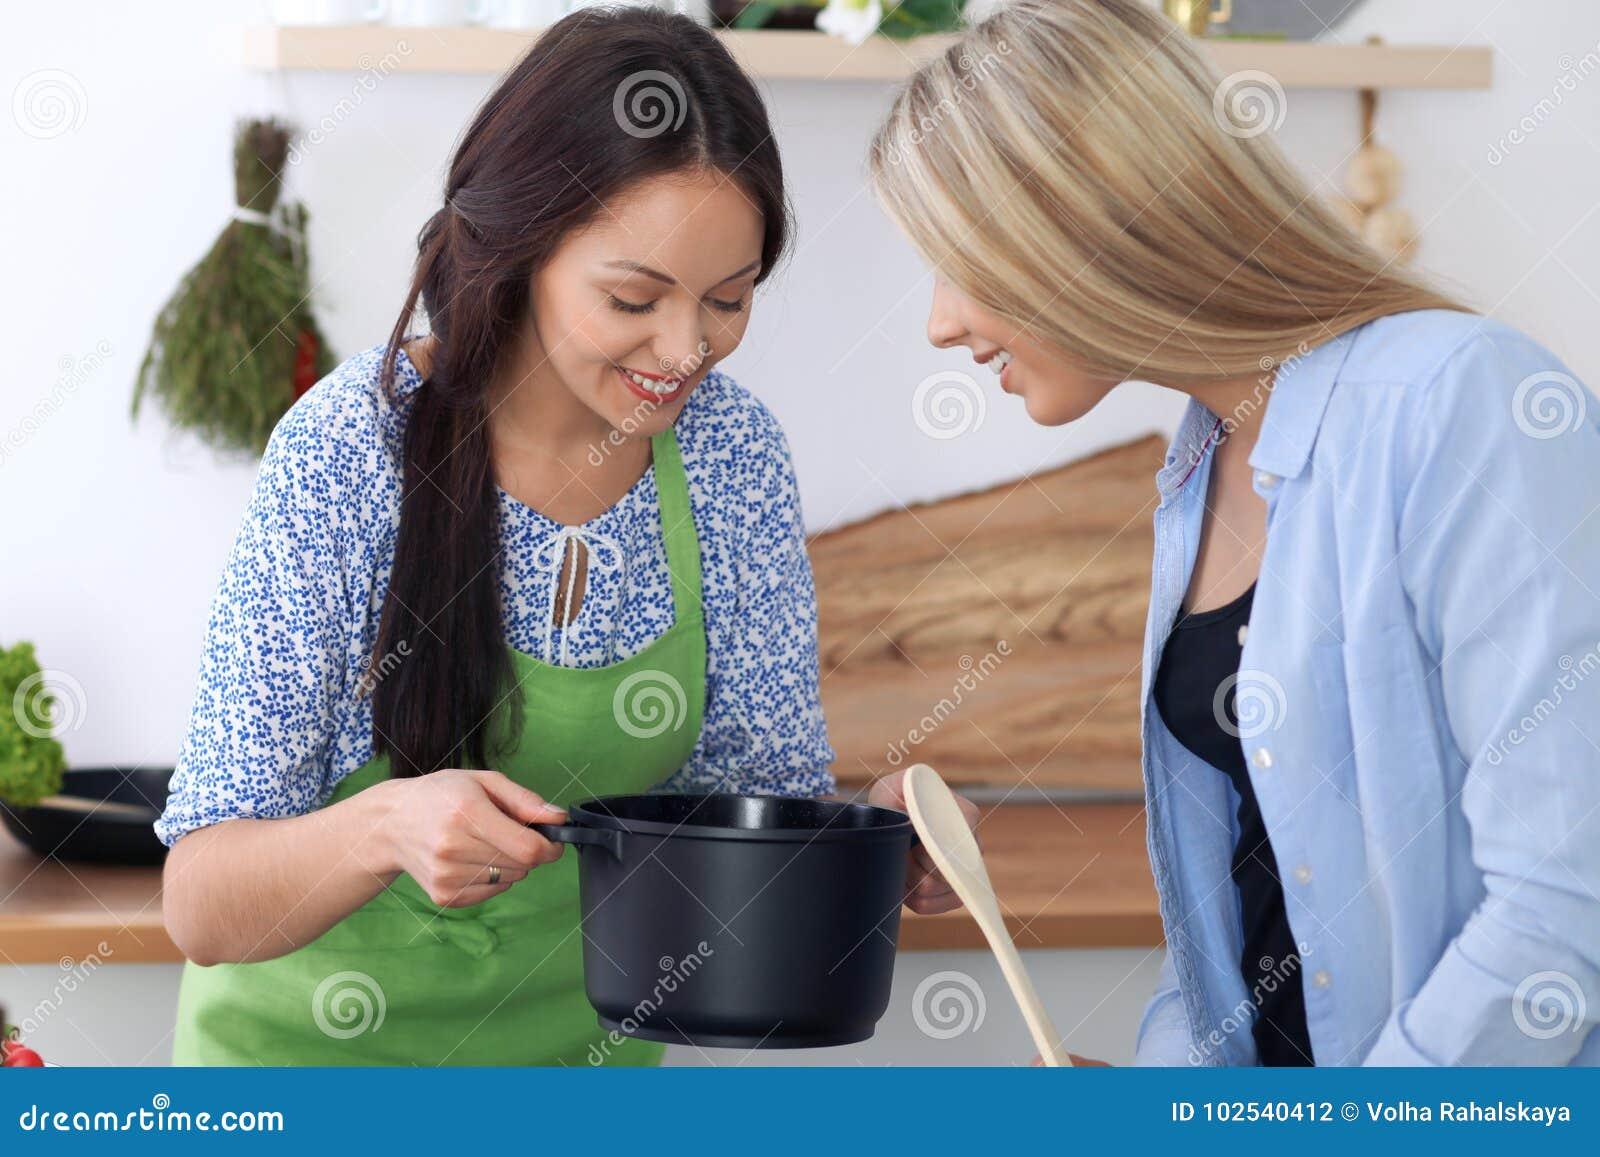 Dos mujeres felices jovenes est n cocinando en la cocina for Cocinando para los amigos